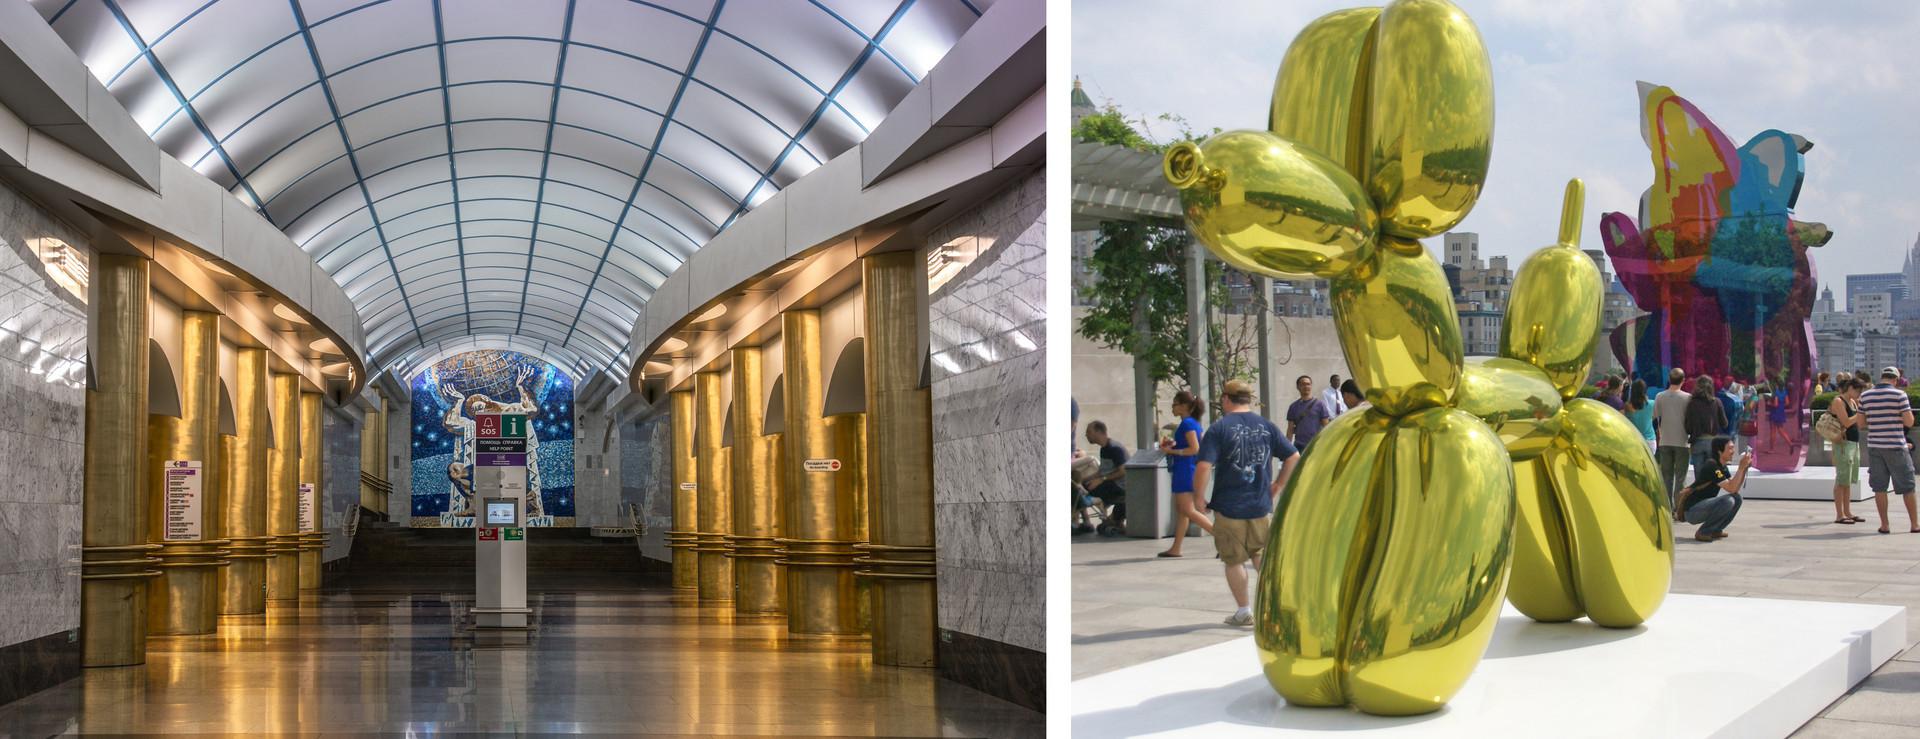 As colunas douradas da estação Mejdunarôdnaia lembram os moradores dos cães de balão do artista norte-americano Jeff Koons.